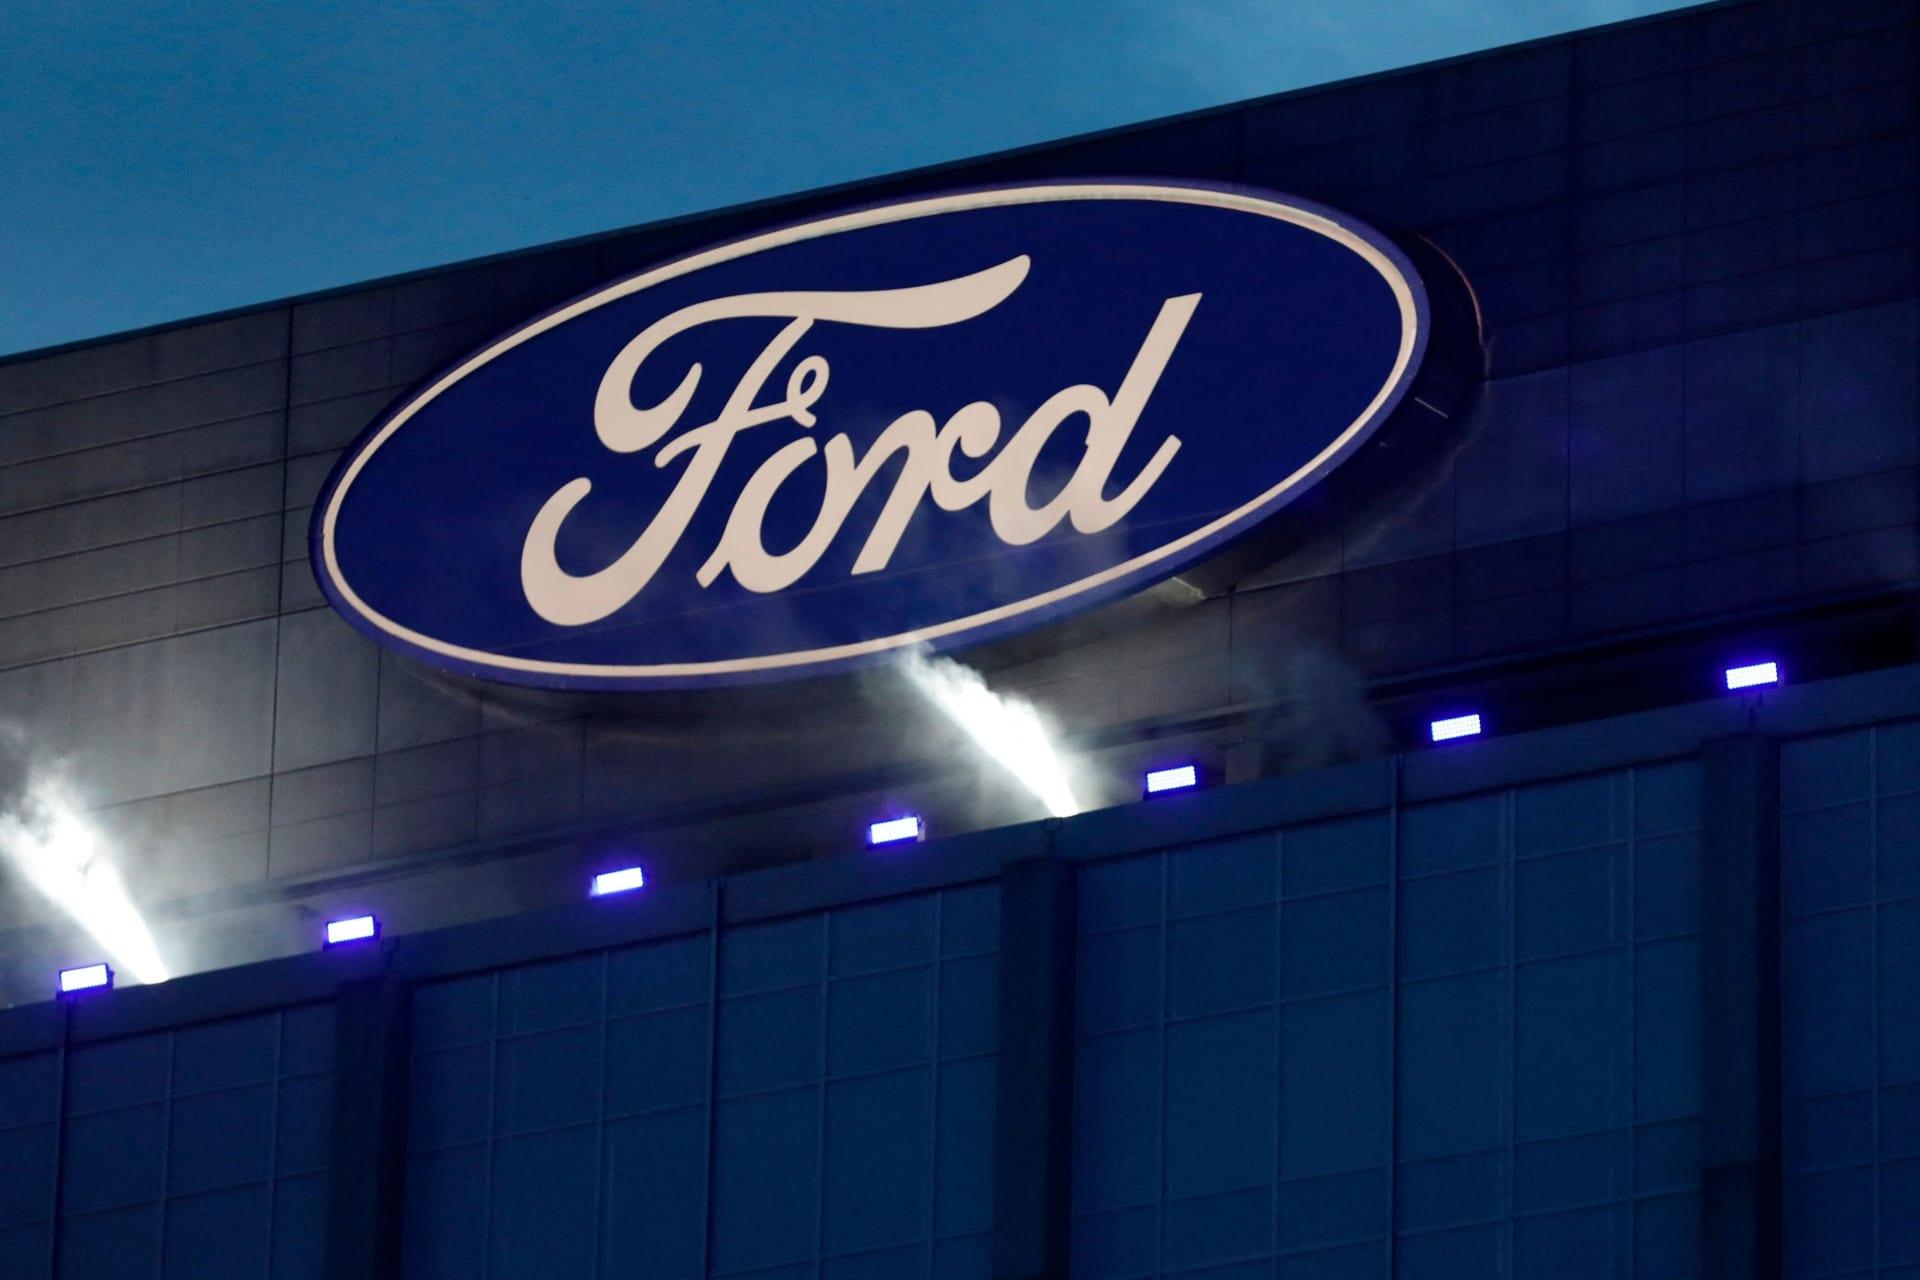 """فورد تستدعي حوالي 775 ألف سيارة """"إكسبلورير"""" بعد تقارير عن تسببها بإصابات"""